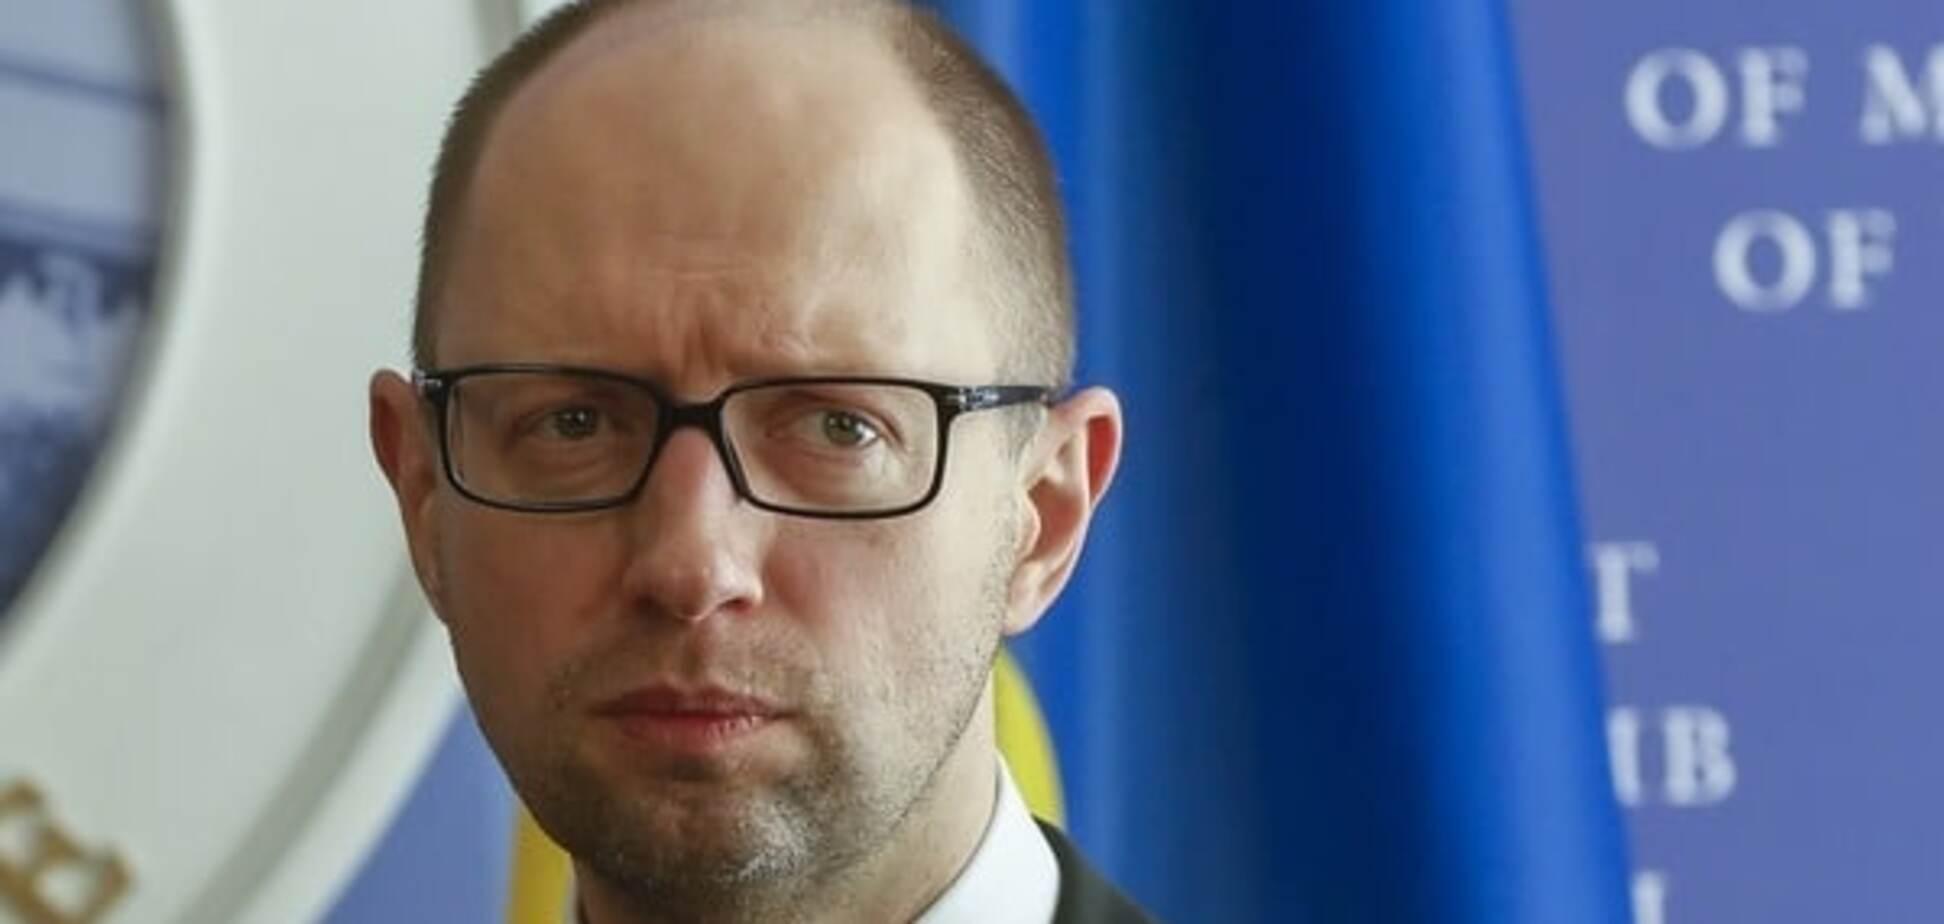 Рейтинг щупает дно: стало известно, сколько украинцев хотят отставки Яценюка